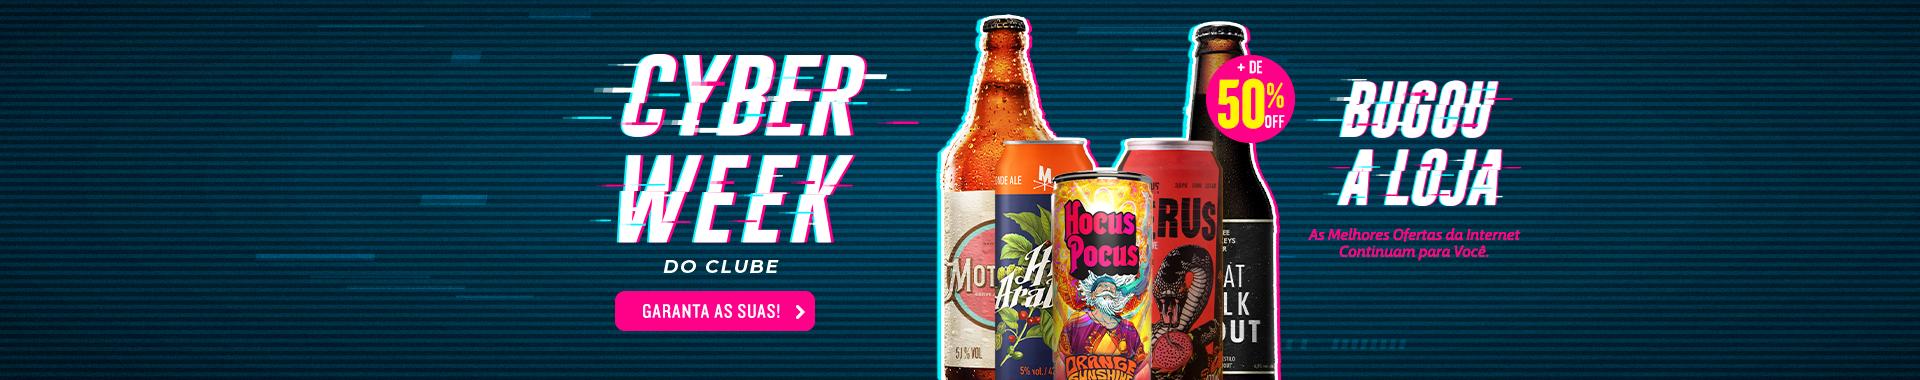 Cyber Week 2021 - Desktop